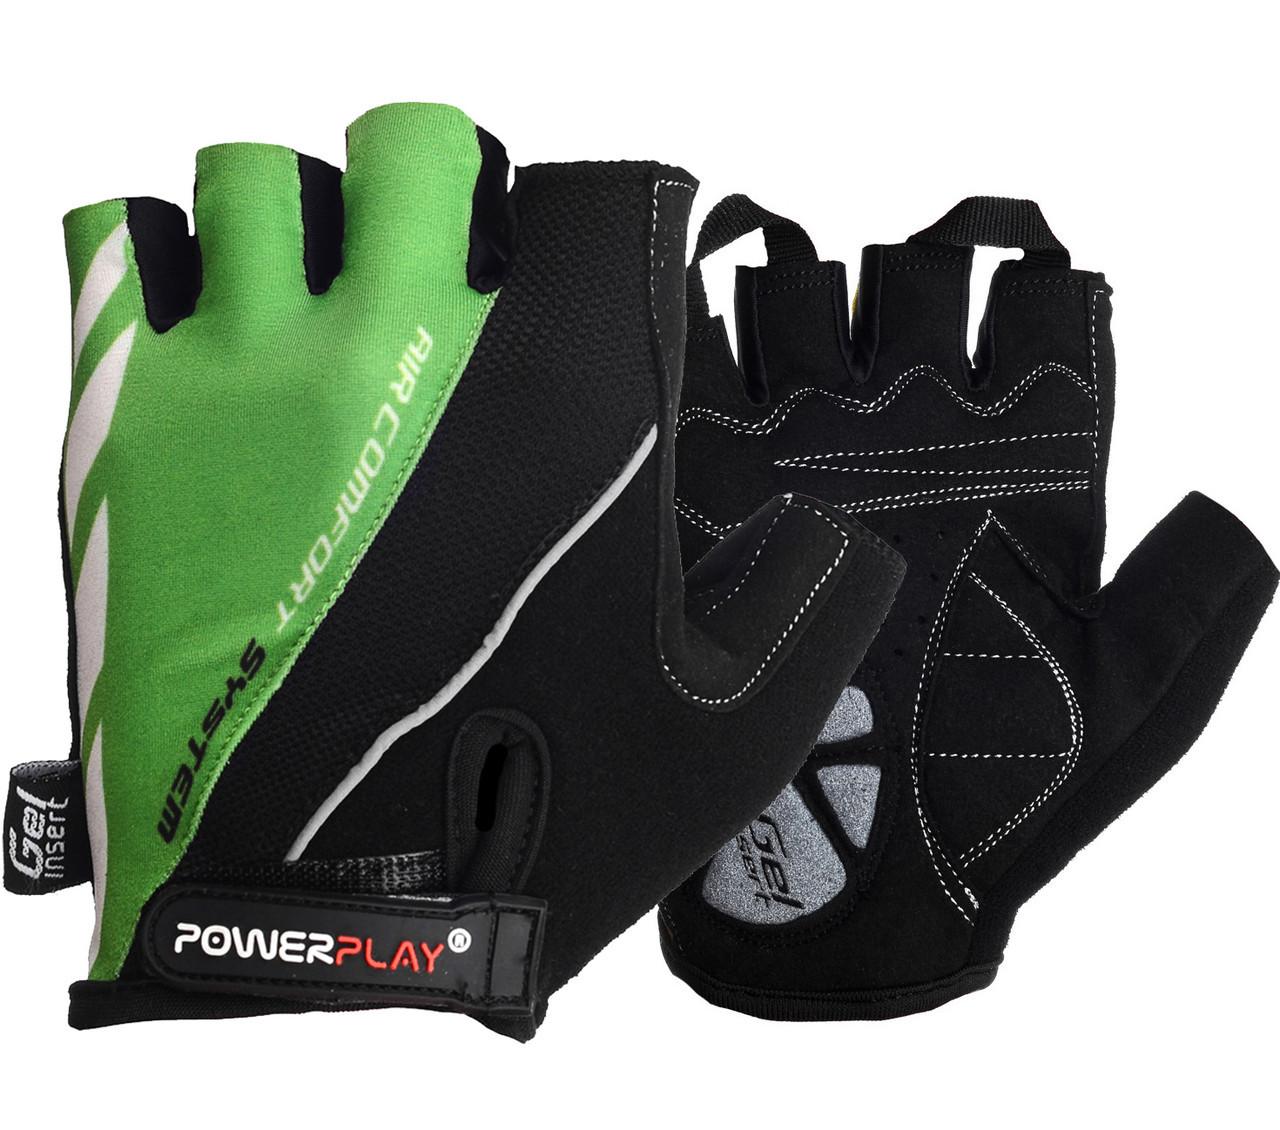 Велорукавички PowerPlay 5024 B Чорно-зелені XS - 144618